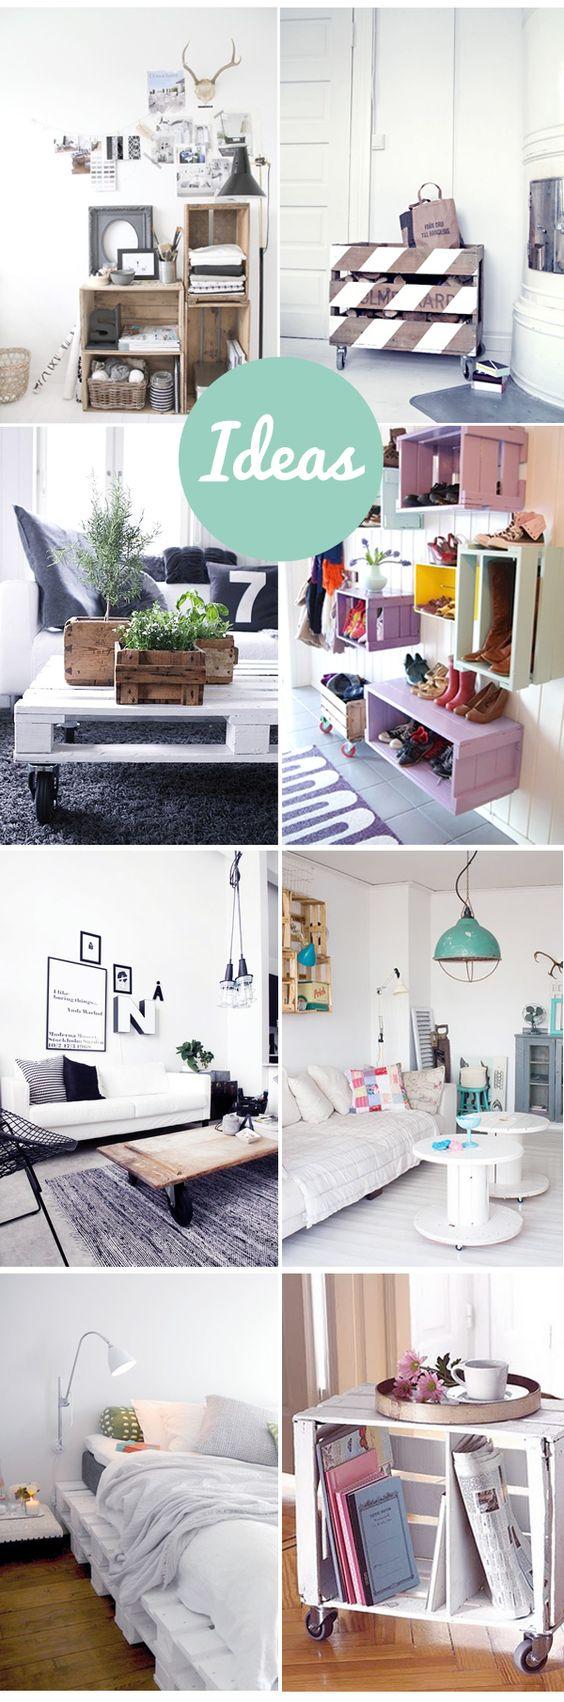 Muebles reciclados con cajas y palets de madera | Pinterest ...